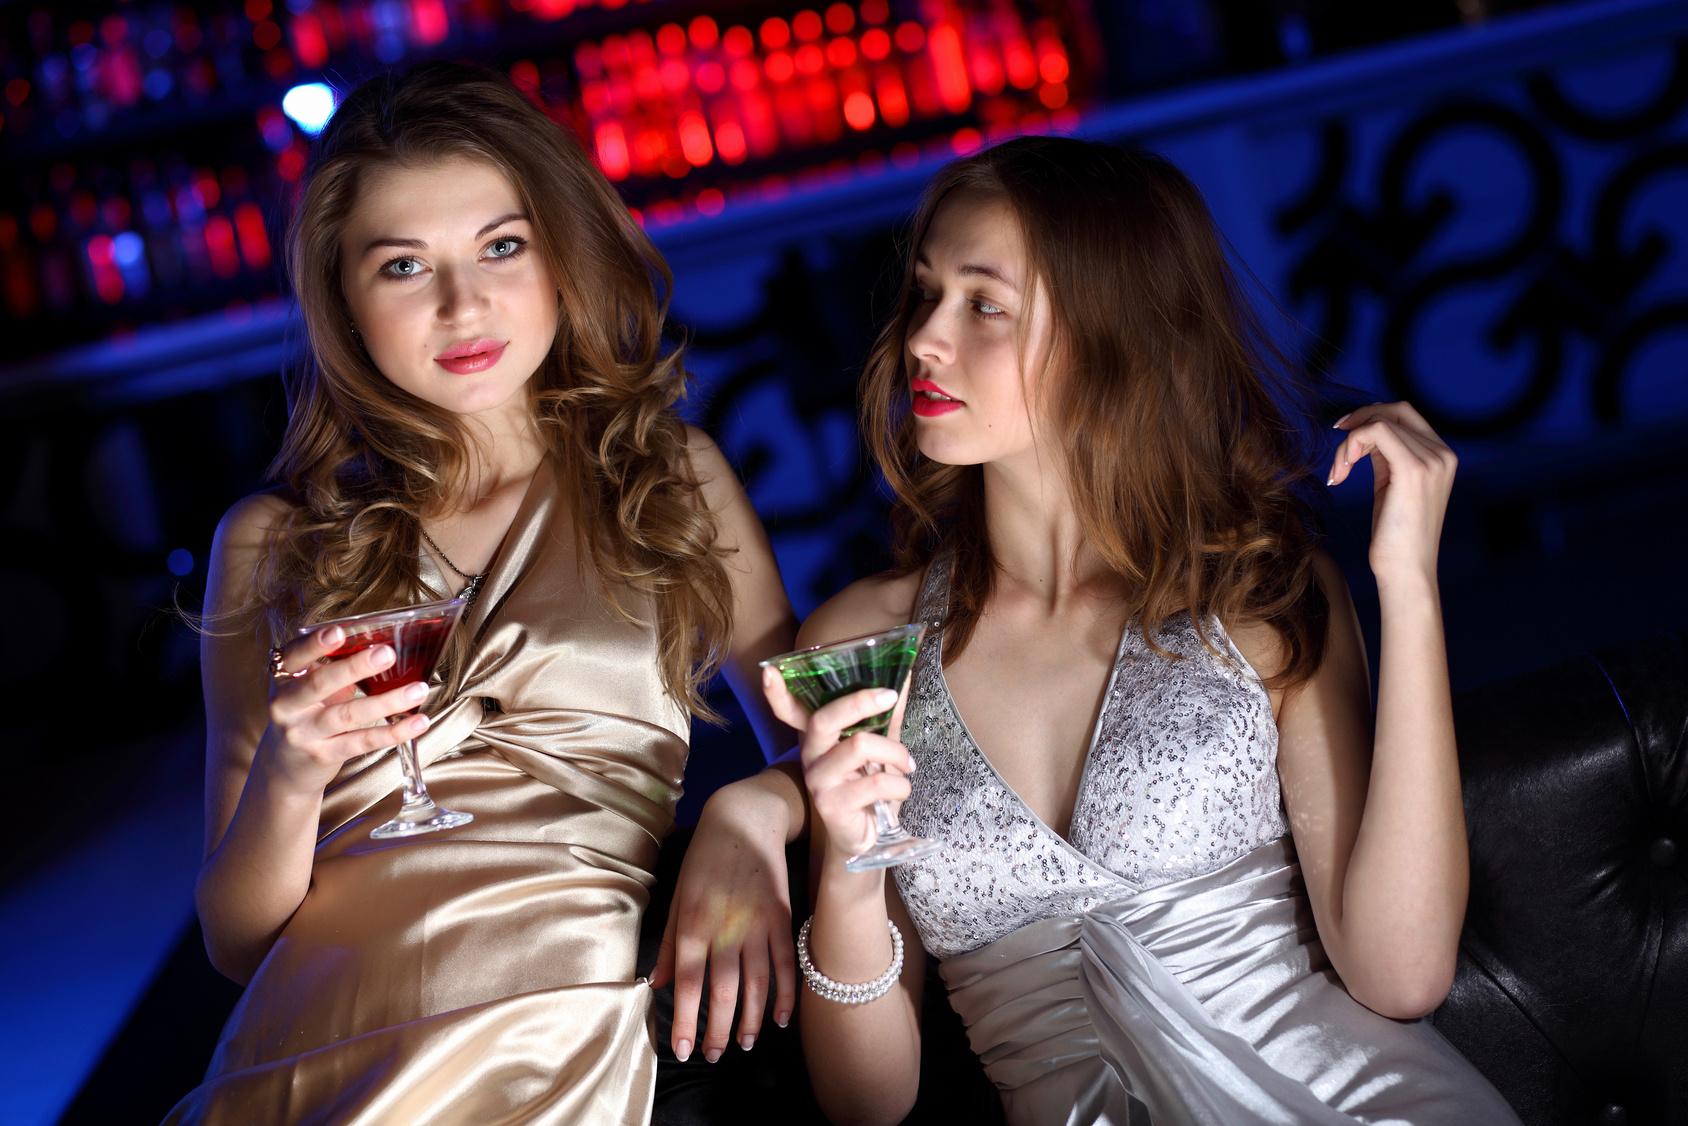 Телки вип клубах, Вечеринка в клубе - 61 видео. Смотреть вечеринка в клубе 14 фотография